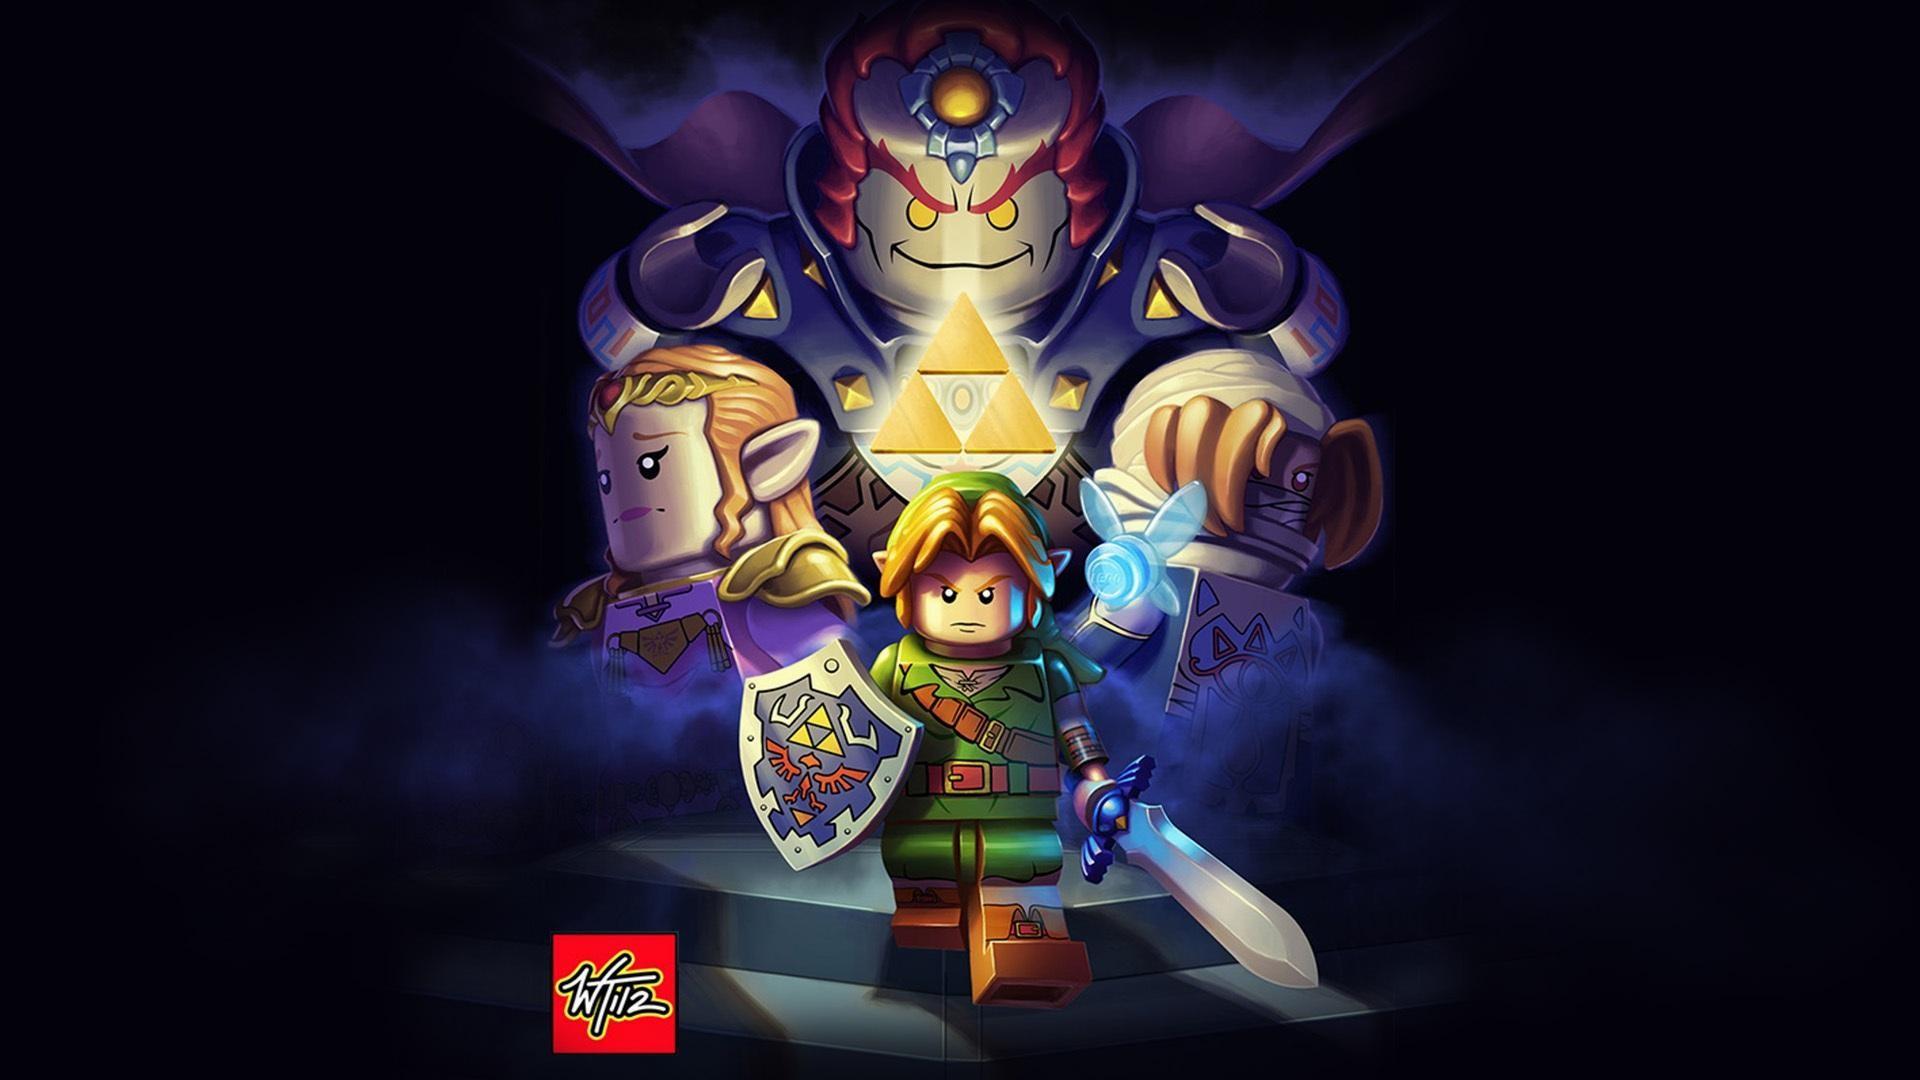 Legend-of-Zelda-Wallpapers-HD-Download-Free